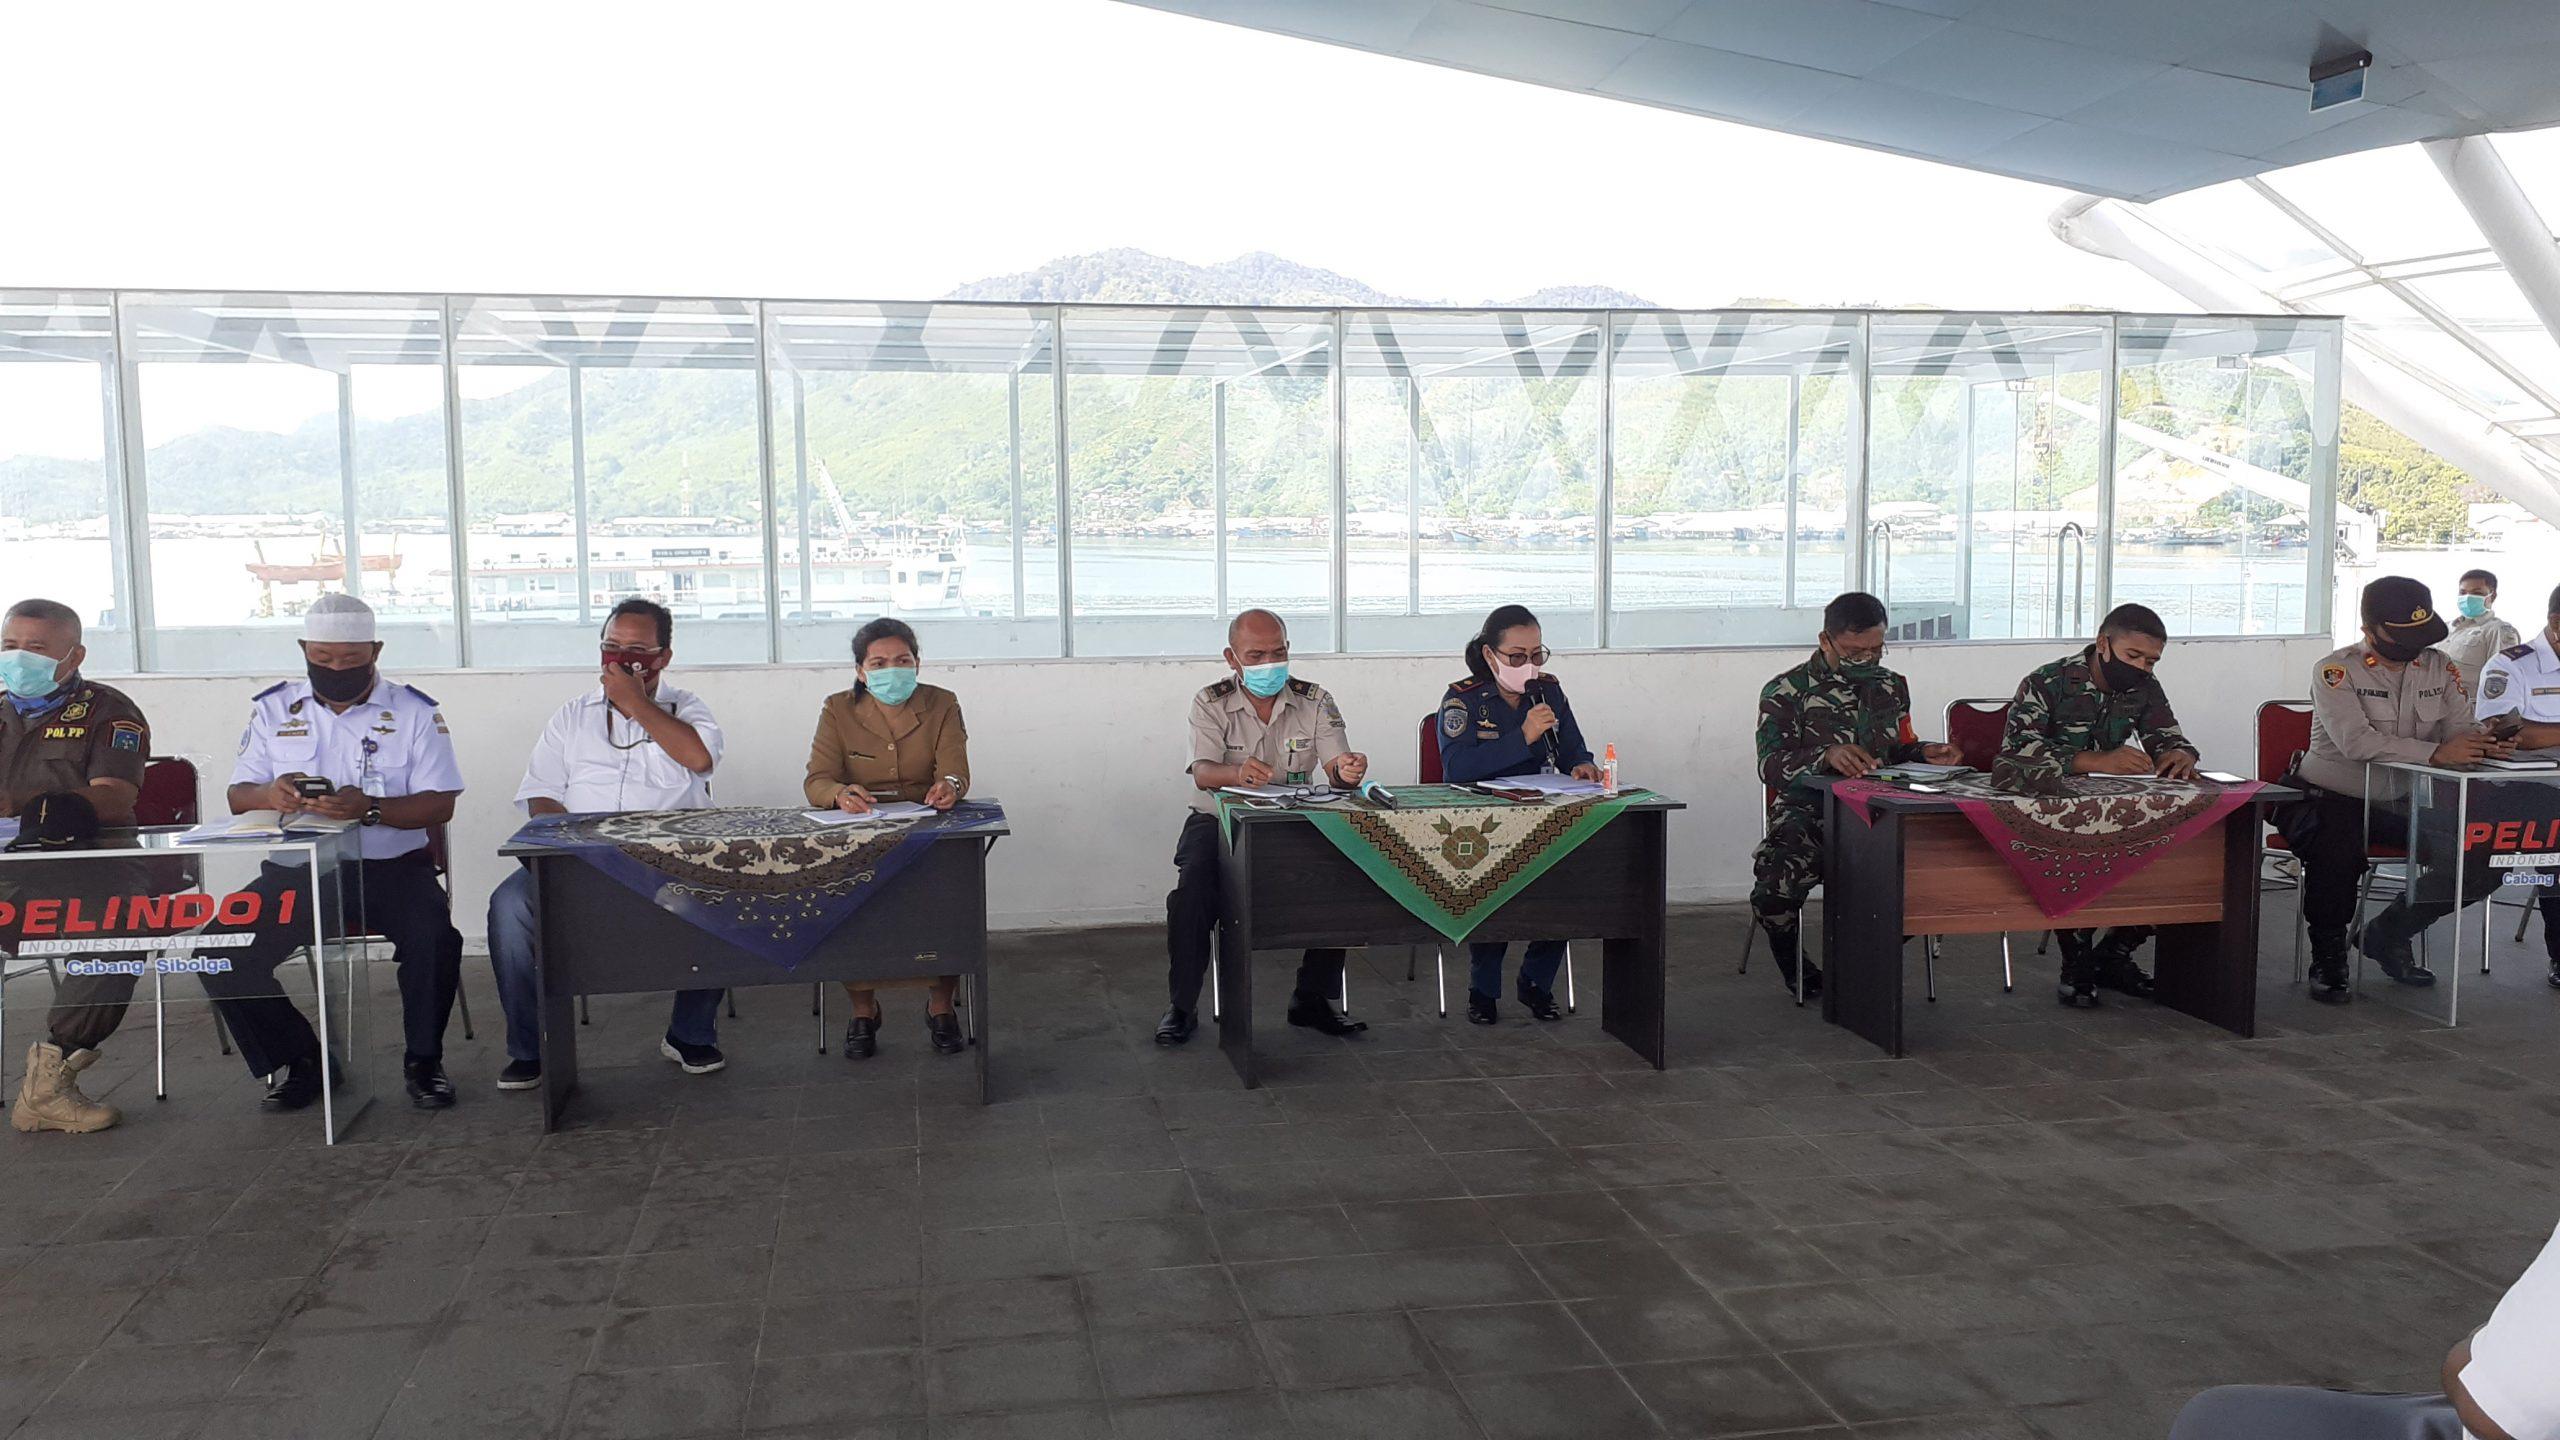 Suasana saat rapat gabungan bersama Tim Gugus Tugas Percepatan Penanganan Covid-19 yang dipimpin kepala KSOP Sibolga. Rakyatsumut.com/ Mirwan Tanjung